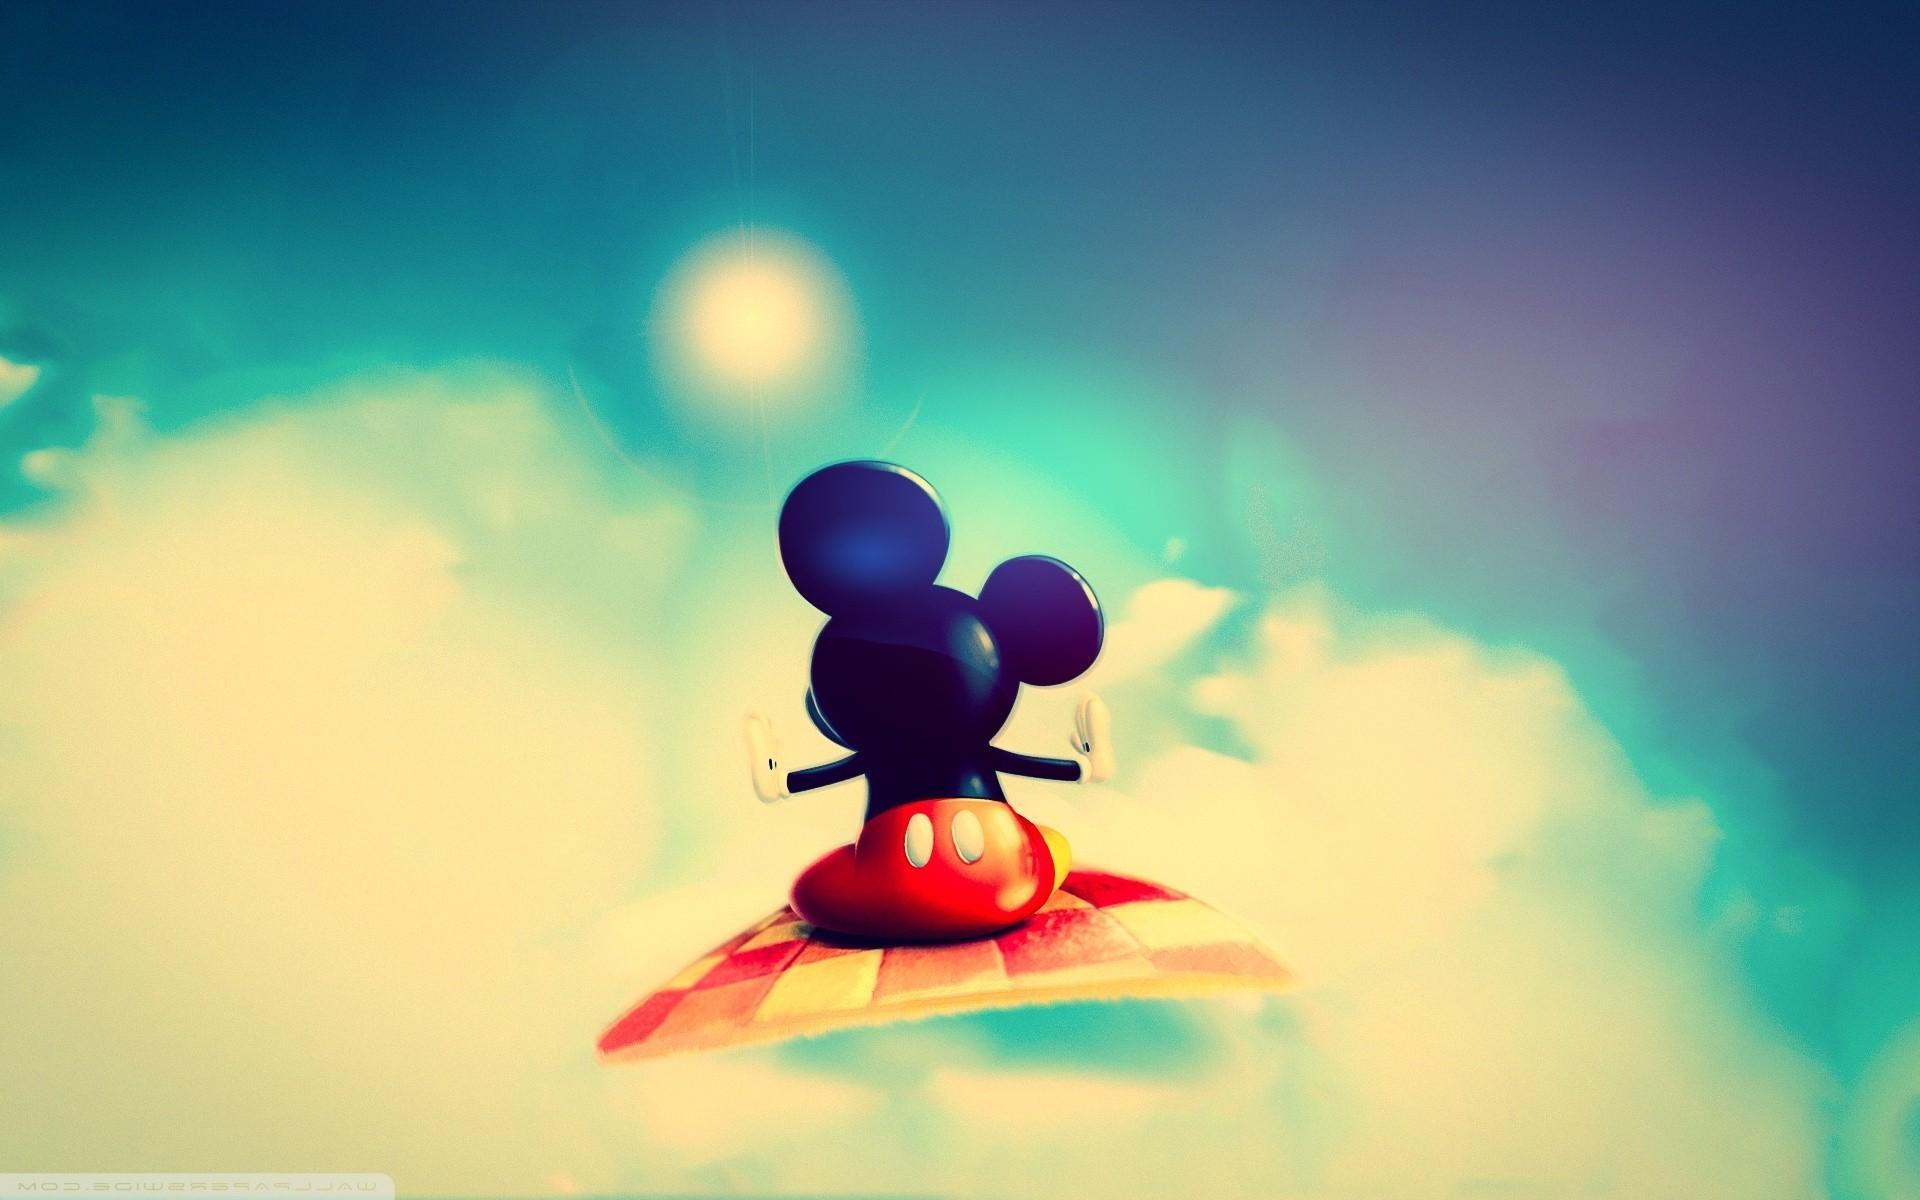 デスクトップ壁紙 日光 図 ミッキーマウス 空 青 サークル 色